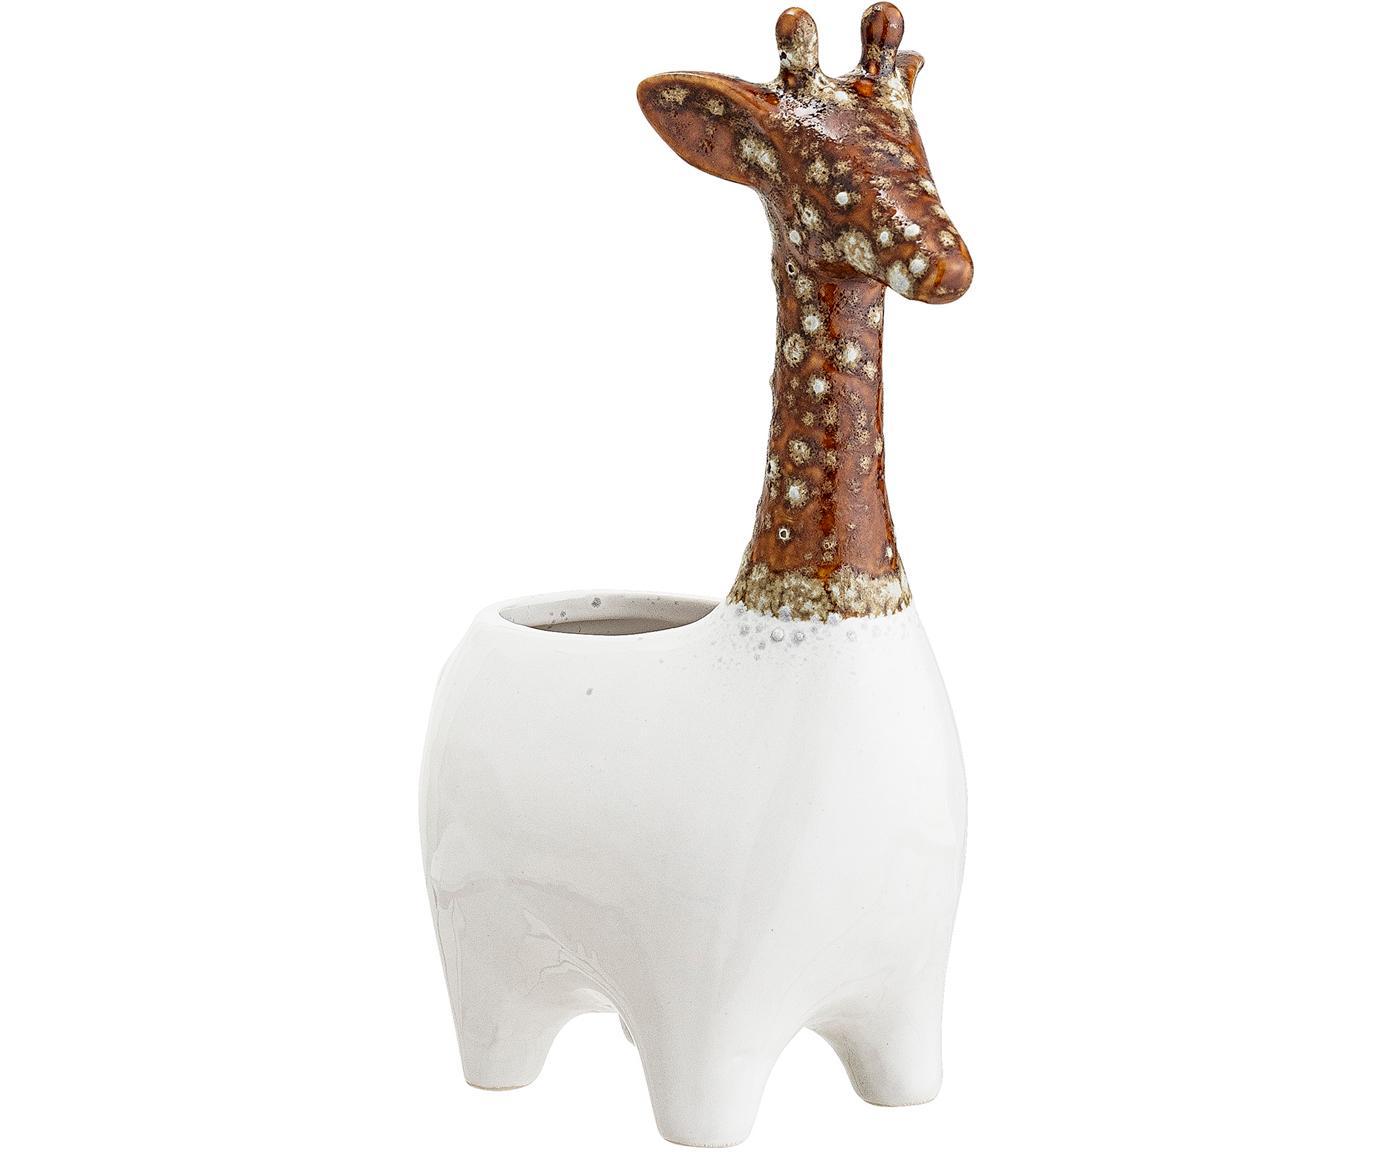 Handgefertigter Übertopf Giraffe, Steingut, Weiß, Braun, 17 x 25 cm